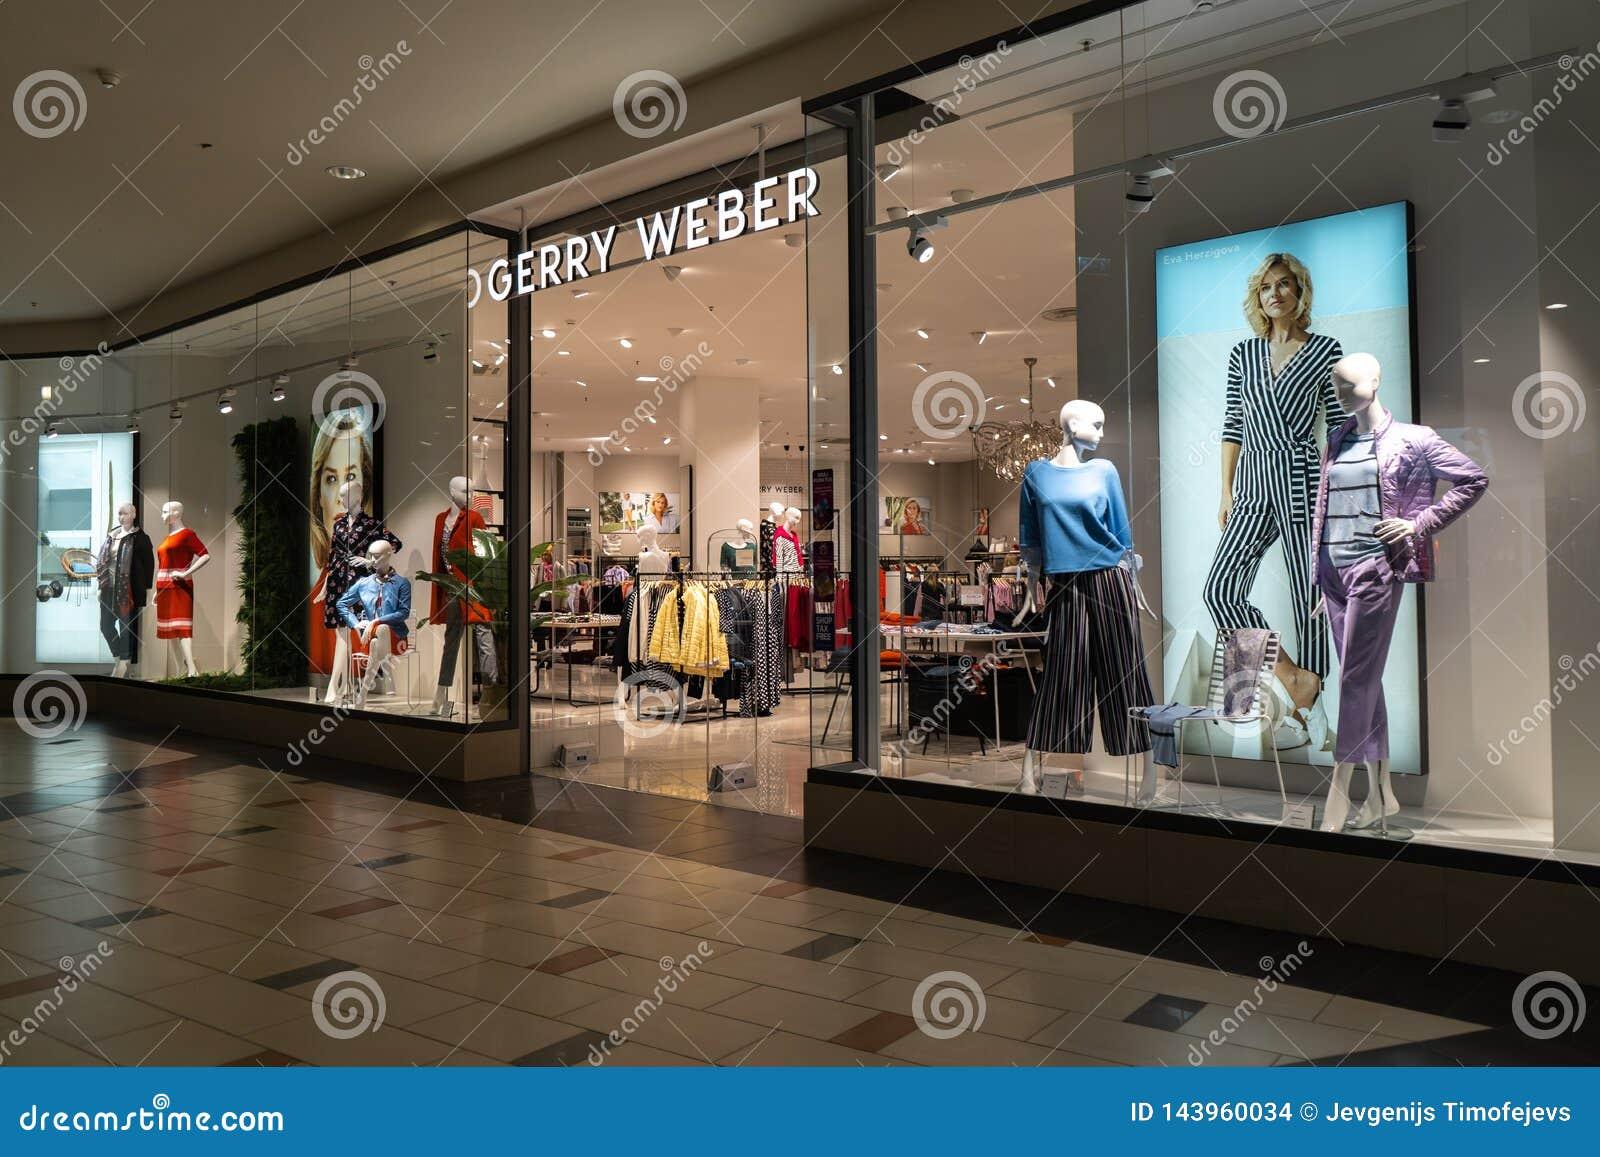 РИГА, ЛАТВИЯ - 4-ОЕ АПРЕЛЯ 2019: Торговый центр альфы магазина Gerry Weber в районе Julga - главной зале сверху